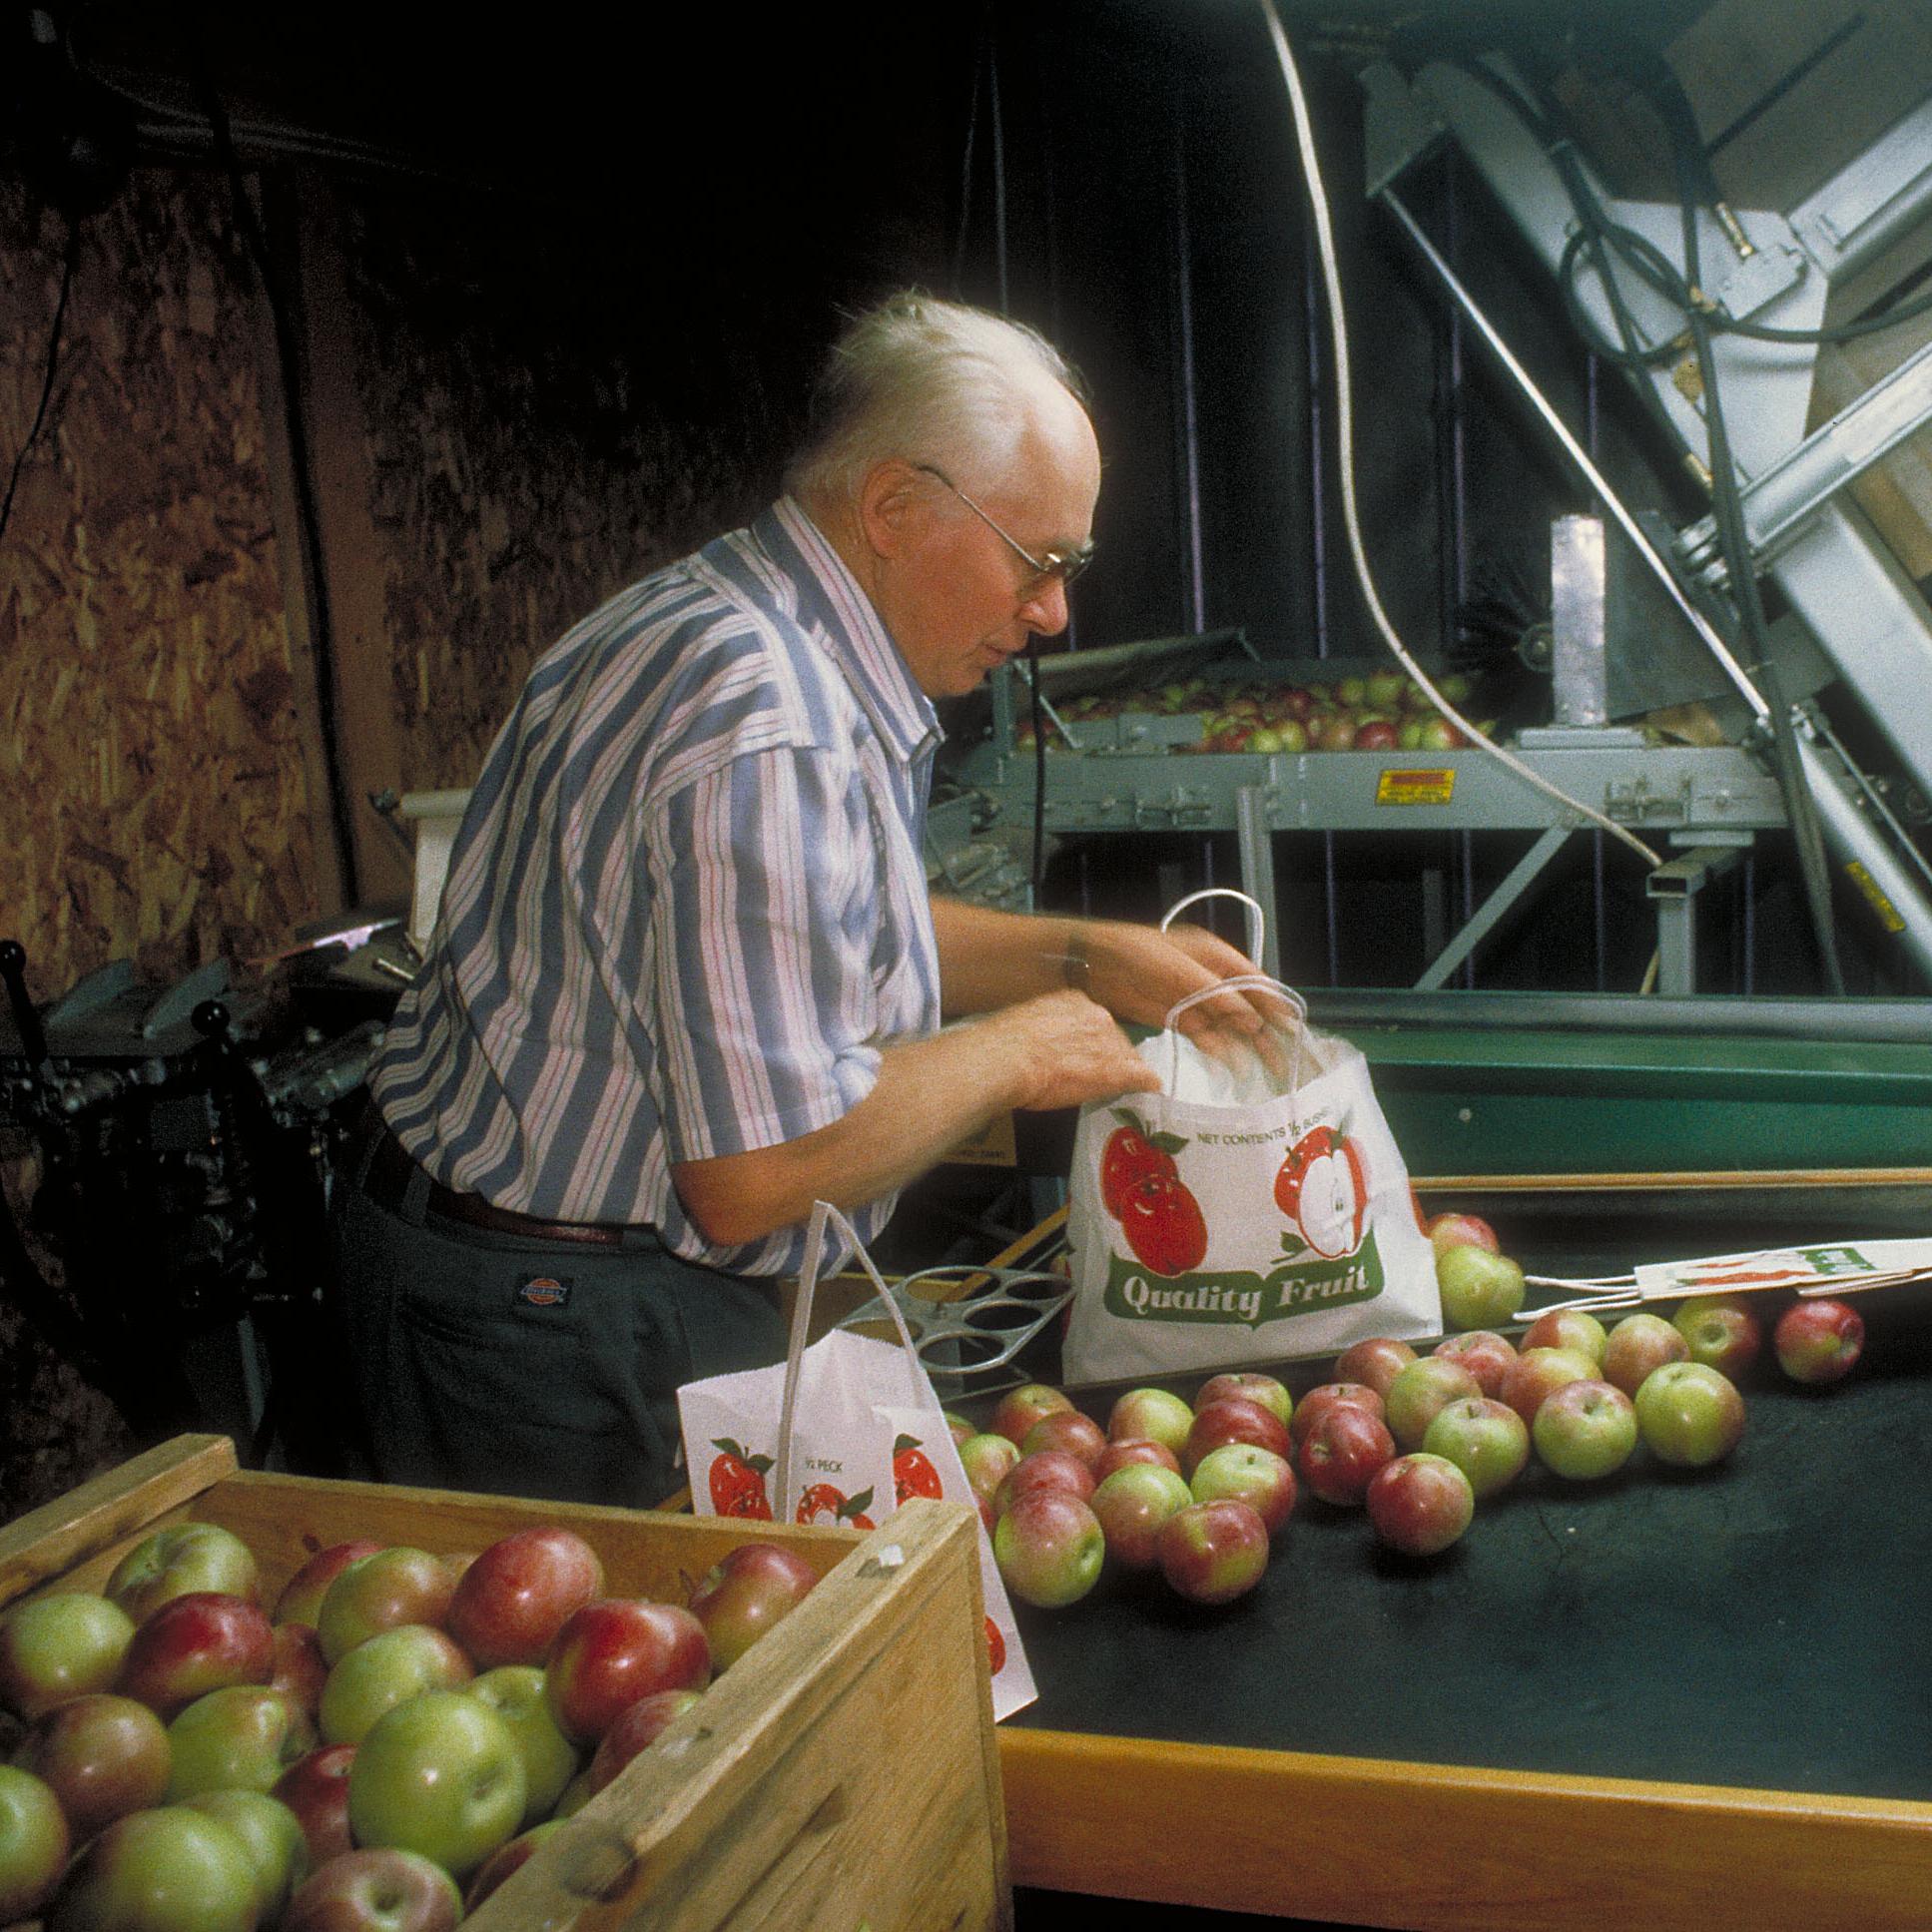 a man placing apples into a paper bag